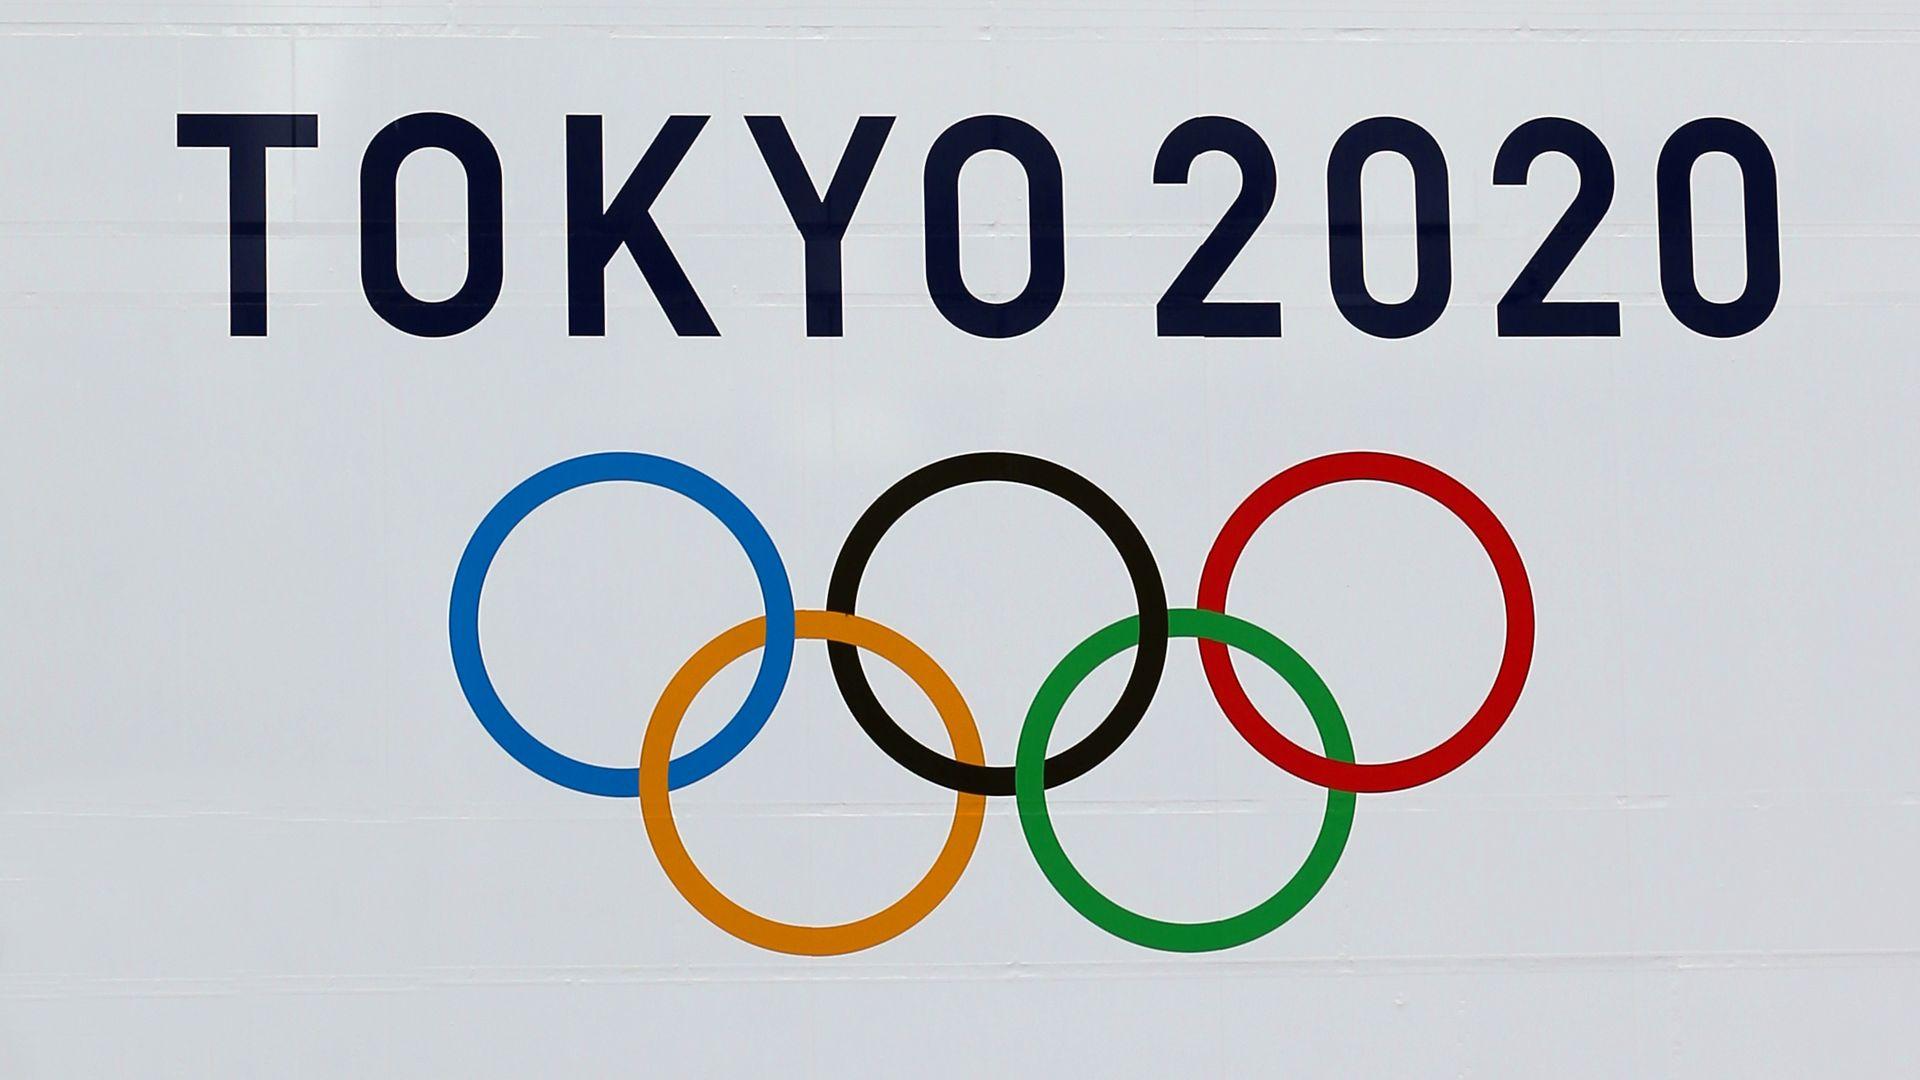 The Tokyo 2020 Olympics emblem